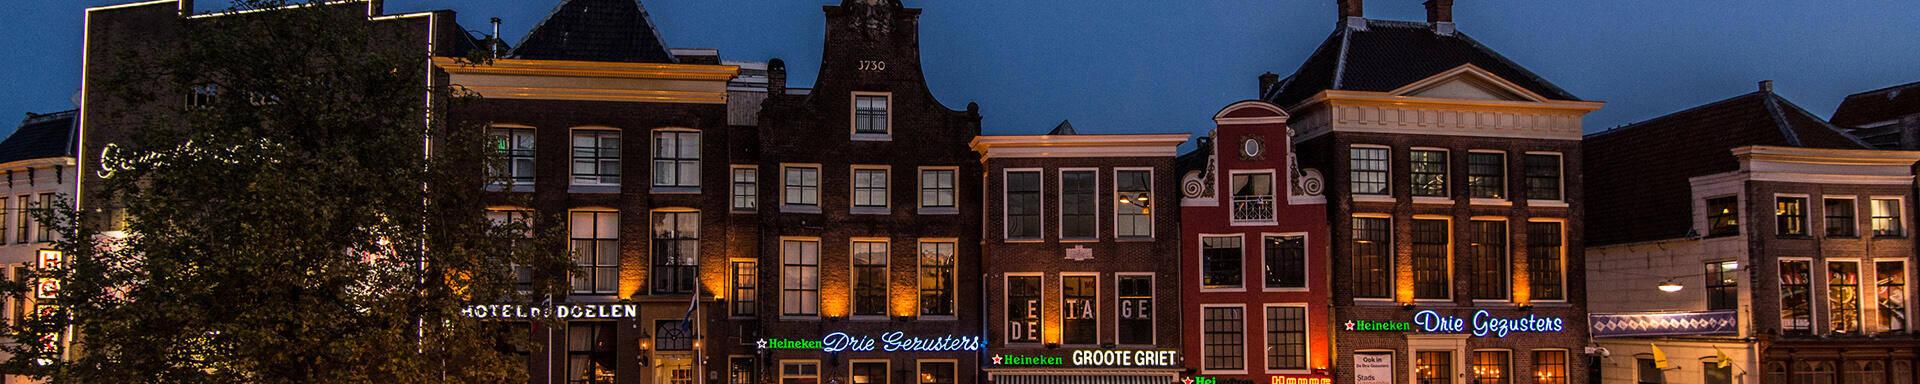 Meer over Groningen >